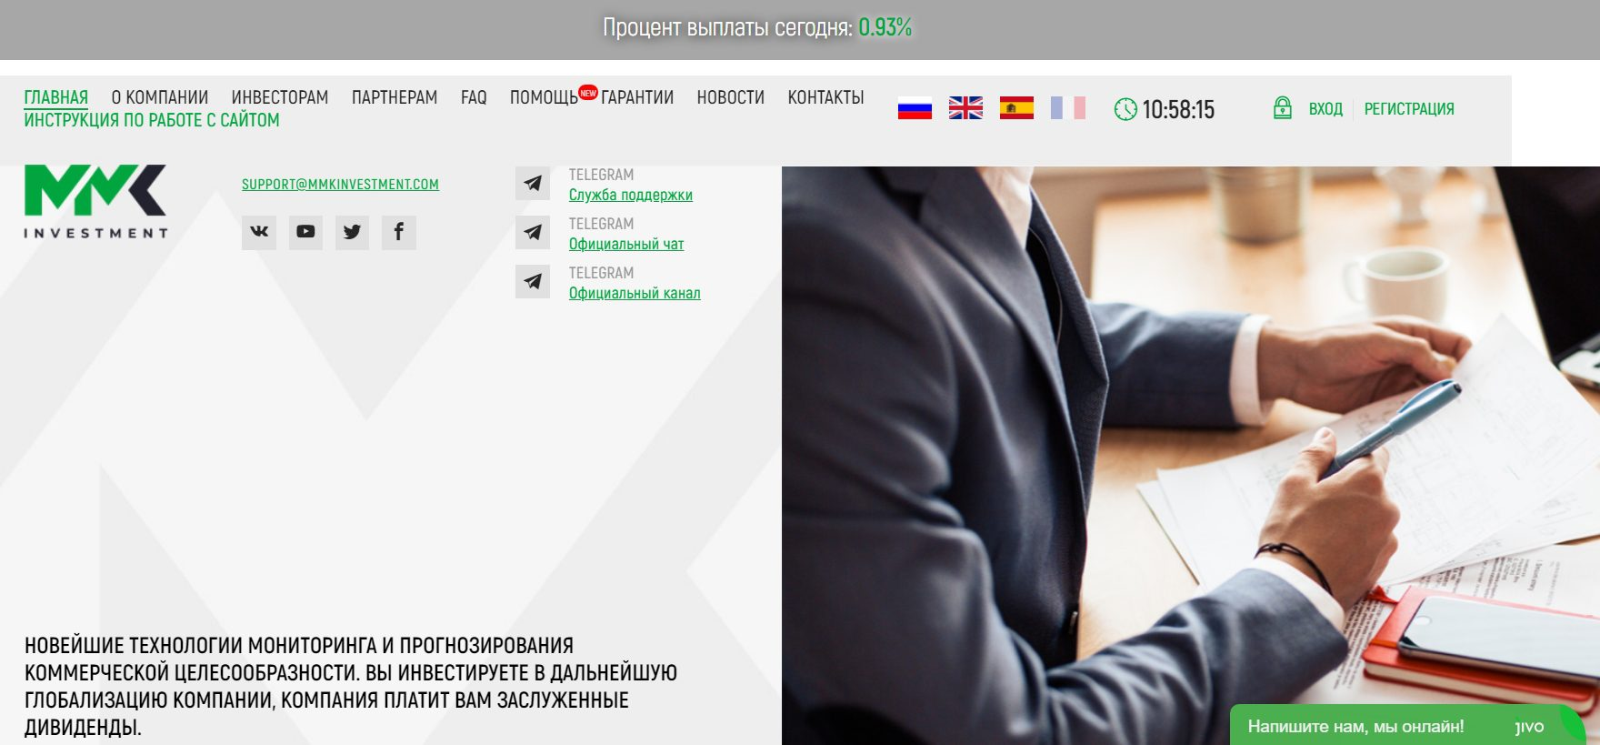 Сайт компании ММК Инвестмент